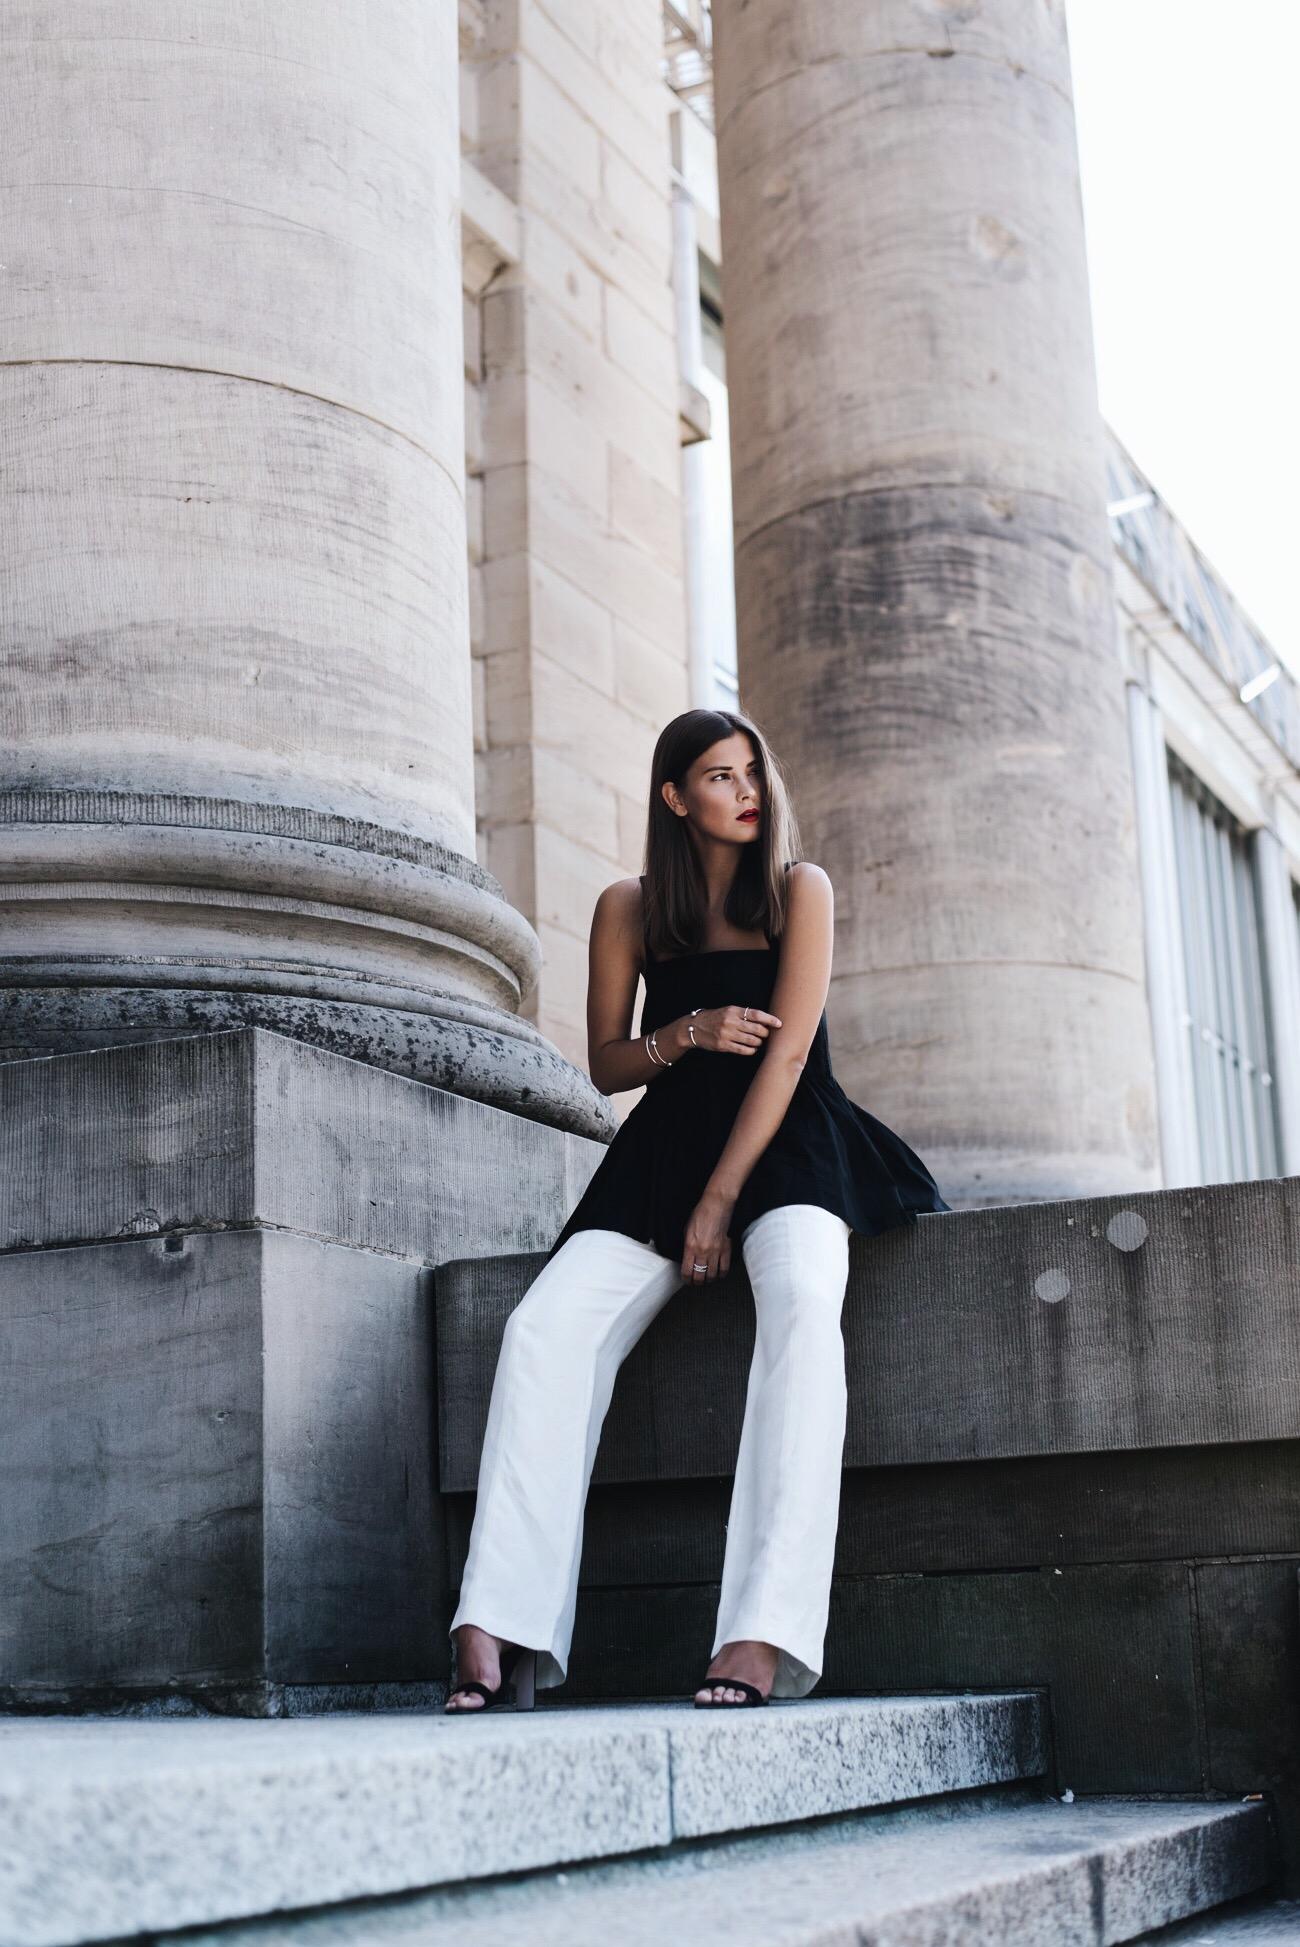 nina-schwichtenberg-mode-bloggerin-deutschland-münchen-high-fashion-blogger-fashiioncarpet-1.jpg